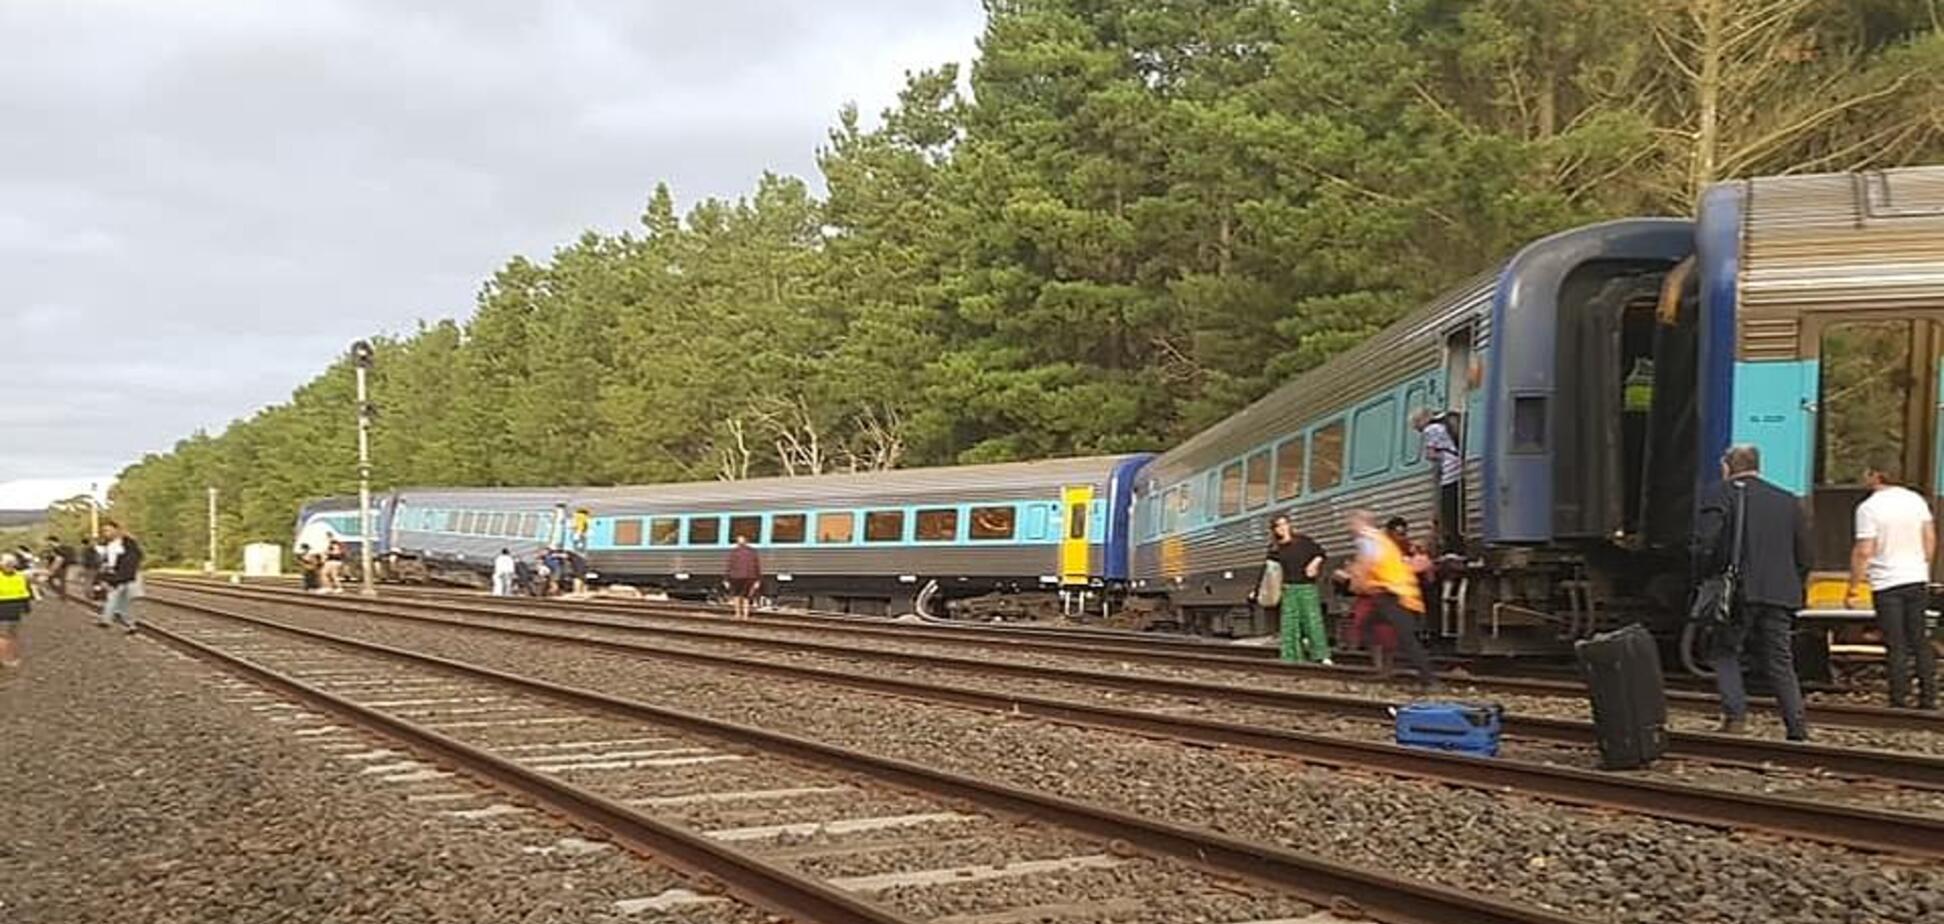 Была неисправность: стали известны подробности катастрофы с пассажирским поездом в Австралии